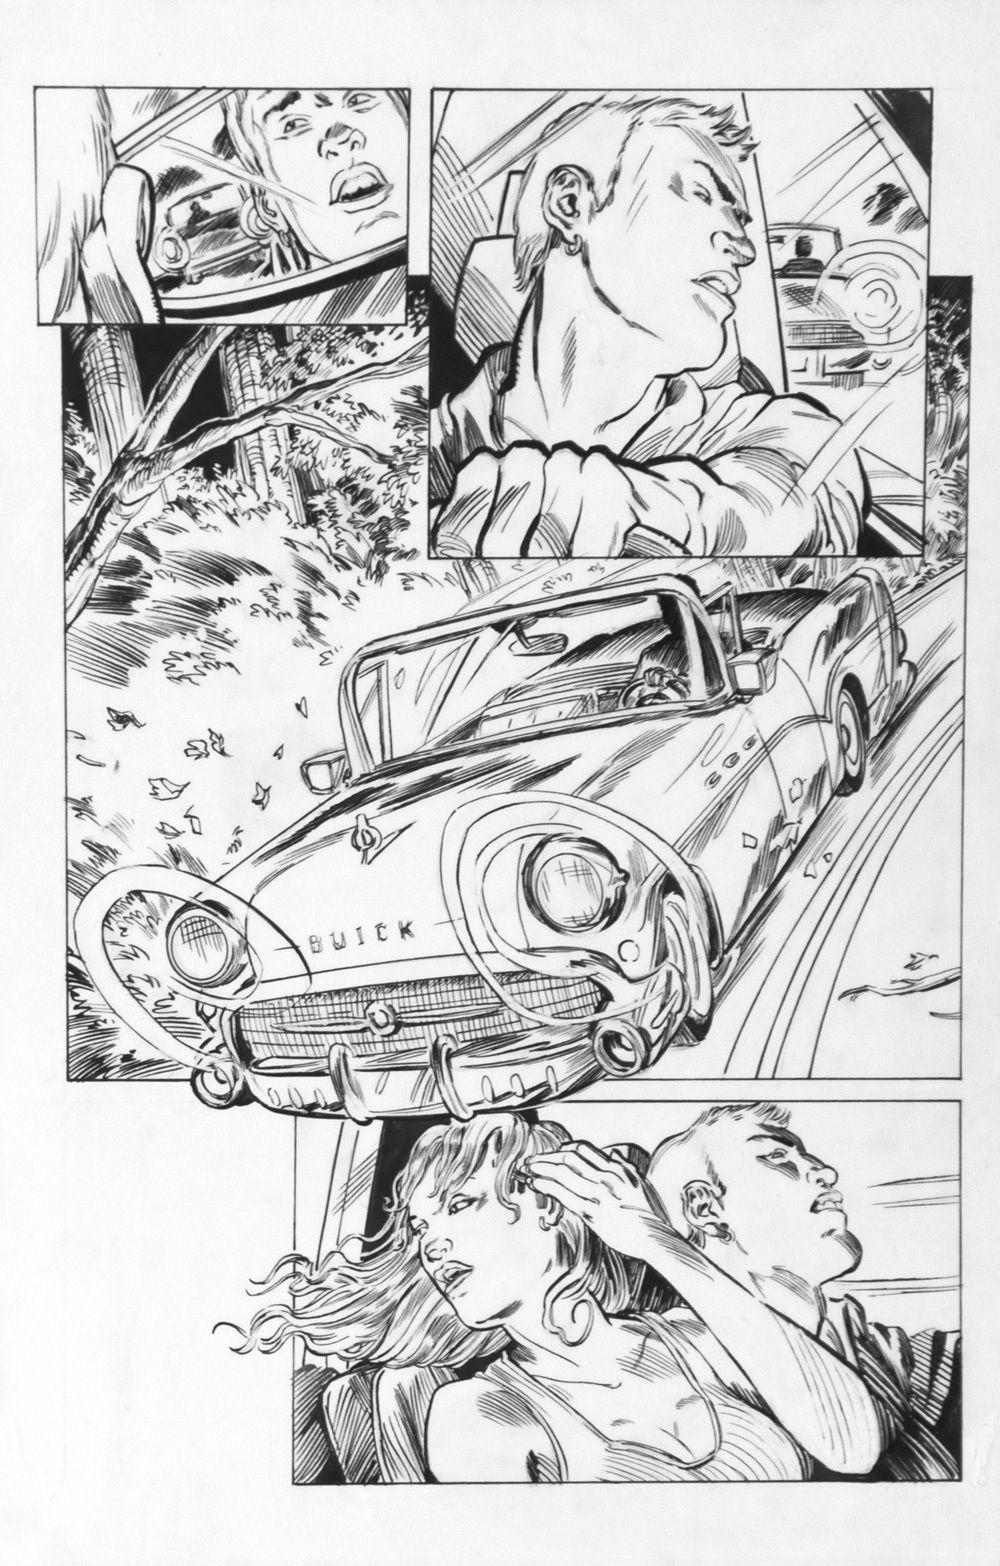 DEAN KOTZ Original Published Art, TRAILER PARK of TERROR #5 page 16, Zombies